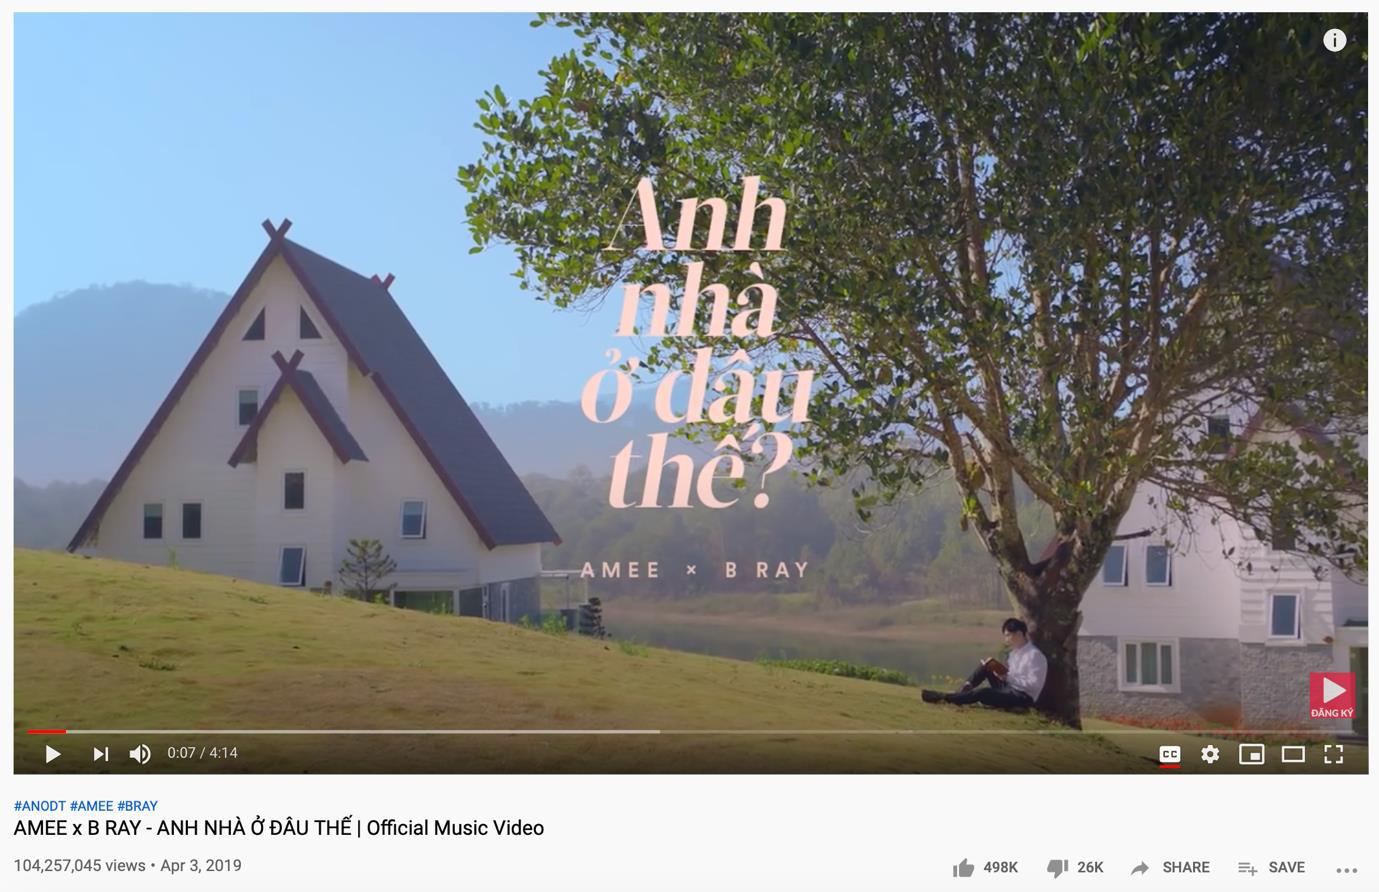 Chỉ mới debut hơn 1 năm, nữ ca sĩ 10X Amee đạt nhiều kỳ tích đáng nể - Ảnh 3.